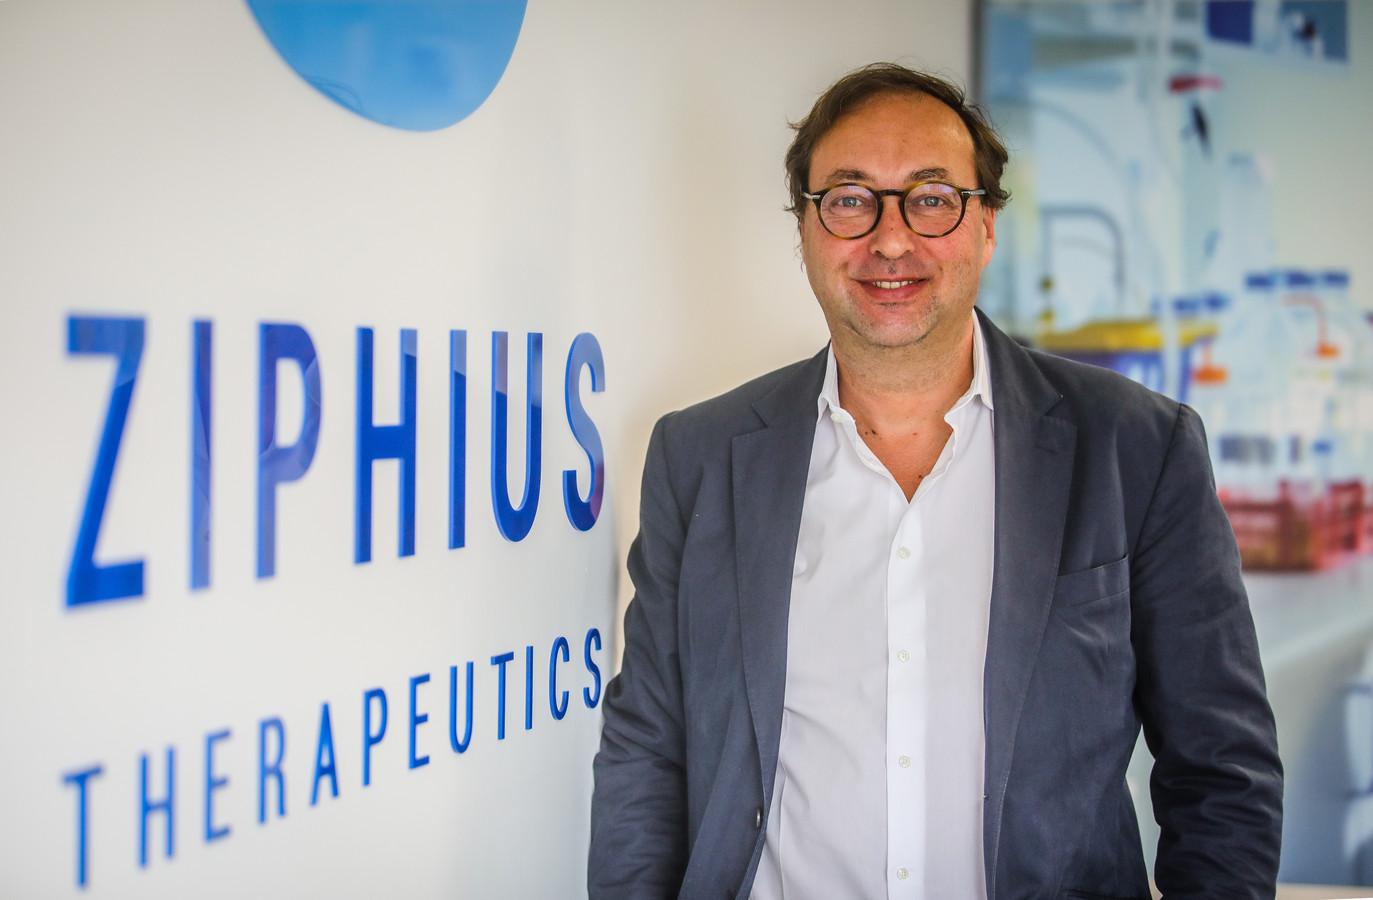 Chris Cardon van het Oostkampse bedrijf Ziphius Therapeutics.